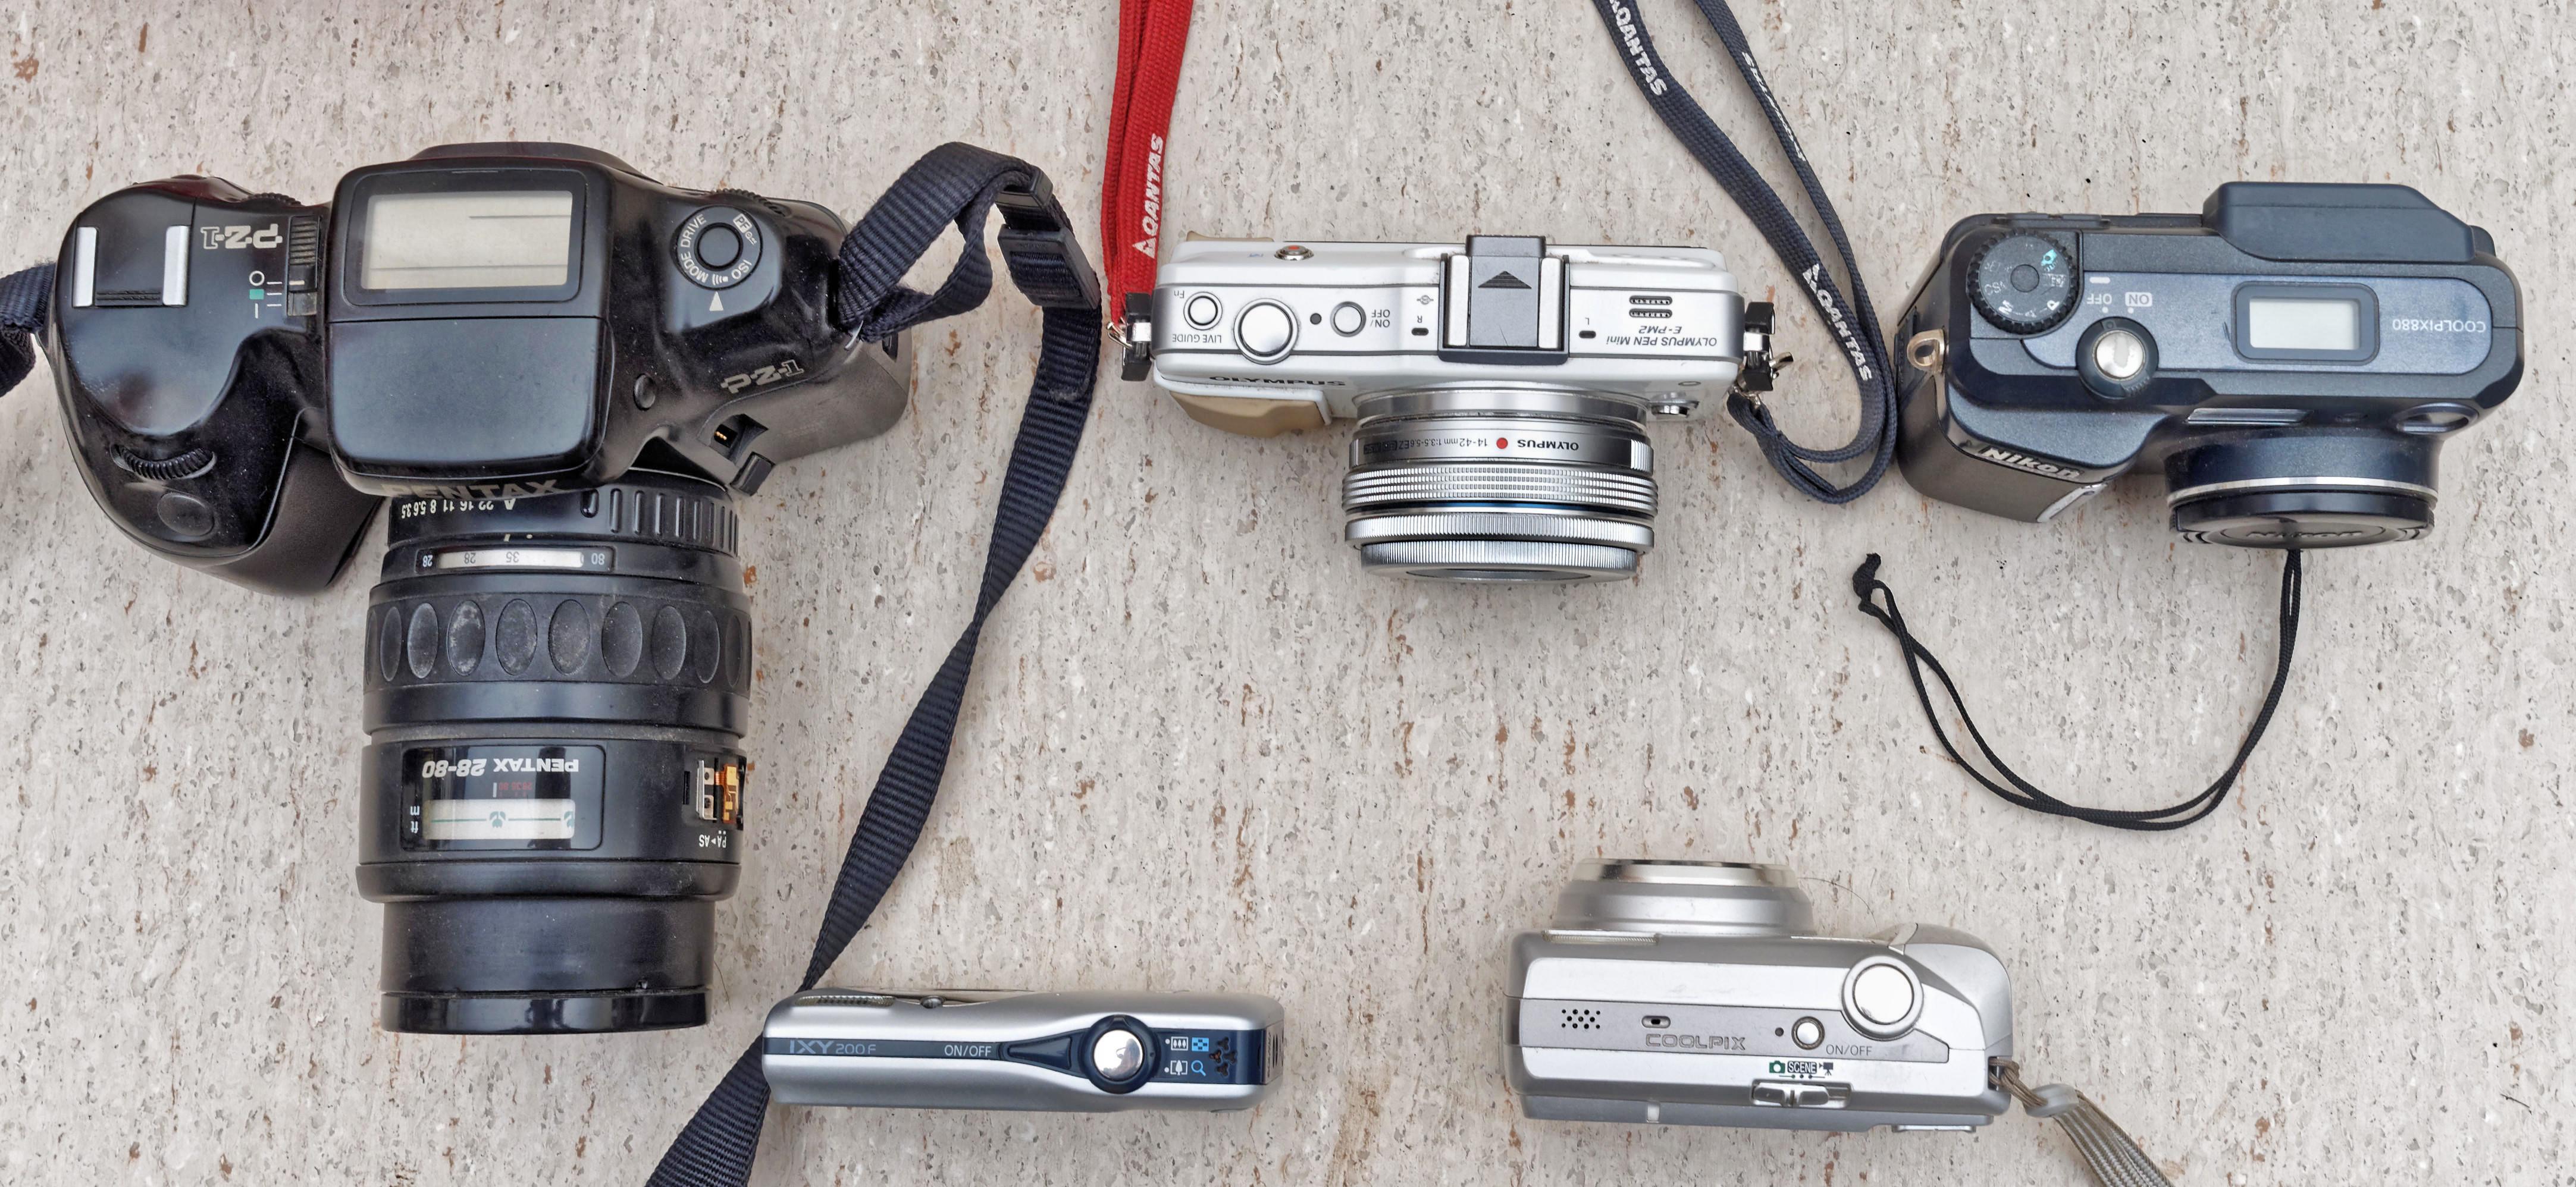 Cameras-1.jpeg